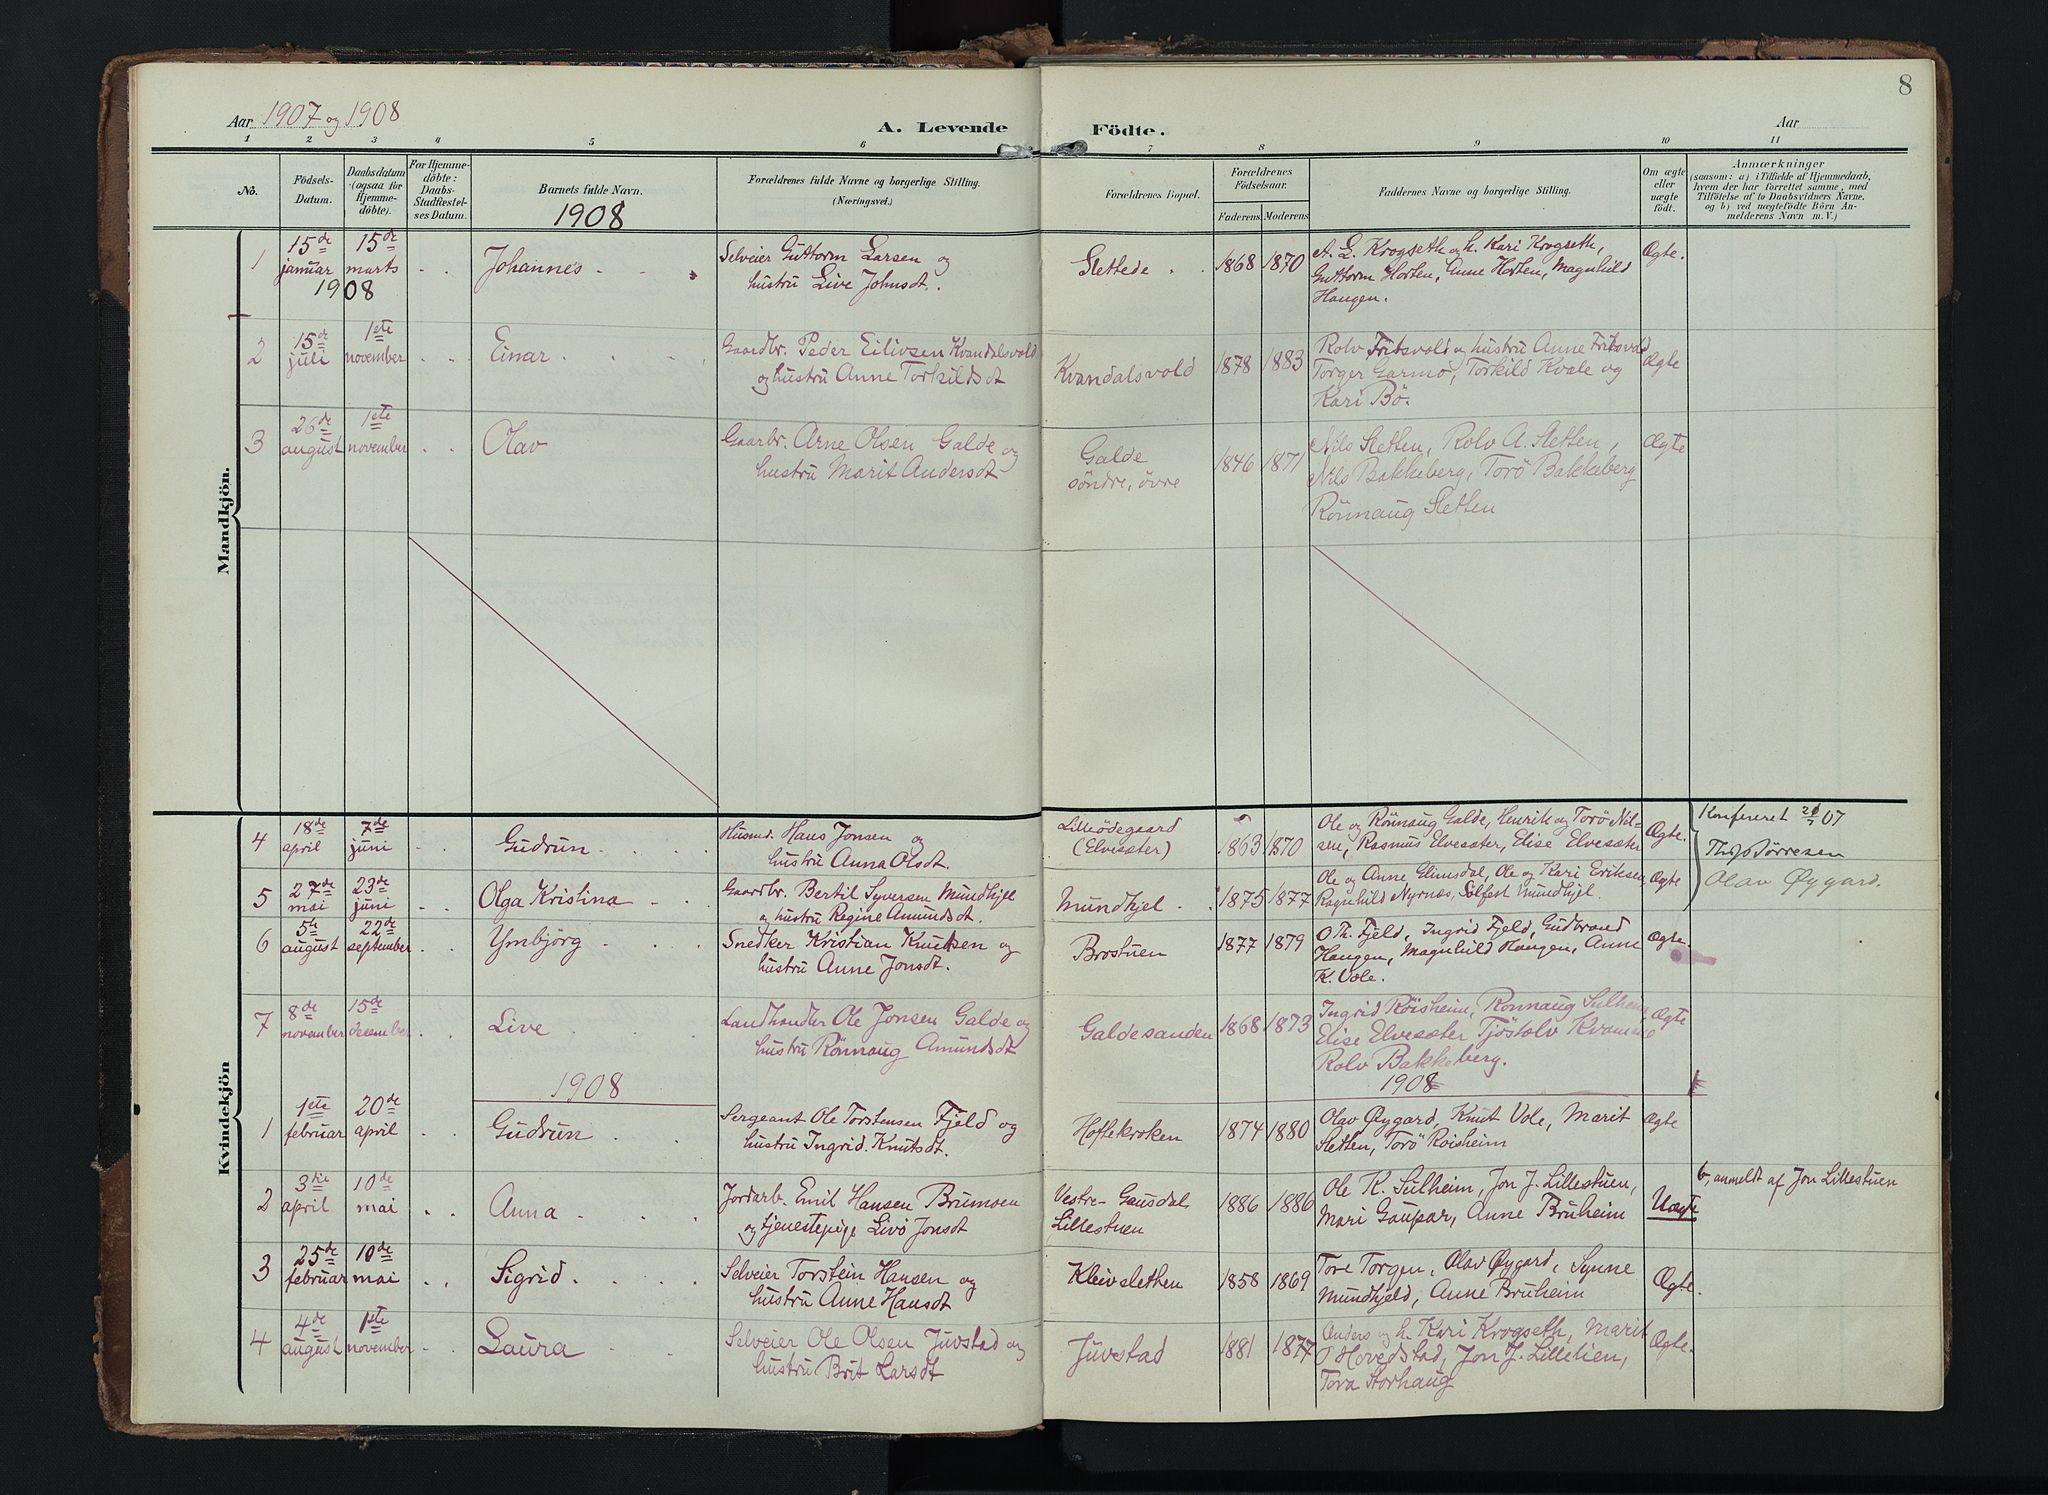 SAH, Lom prestekontor, K/L0012: Ministerialbok nr. 12, 1904-1928, s. 8